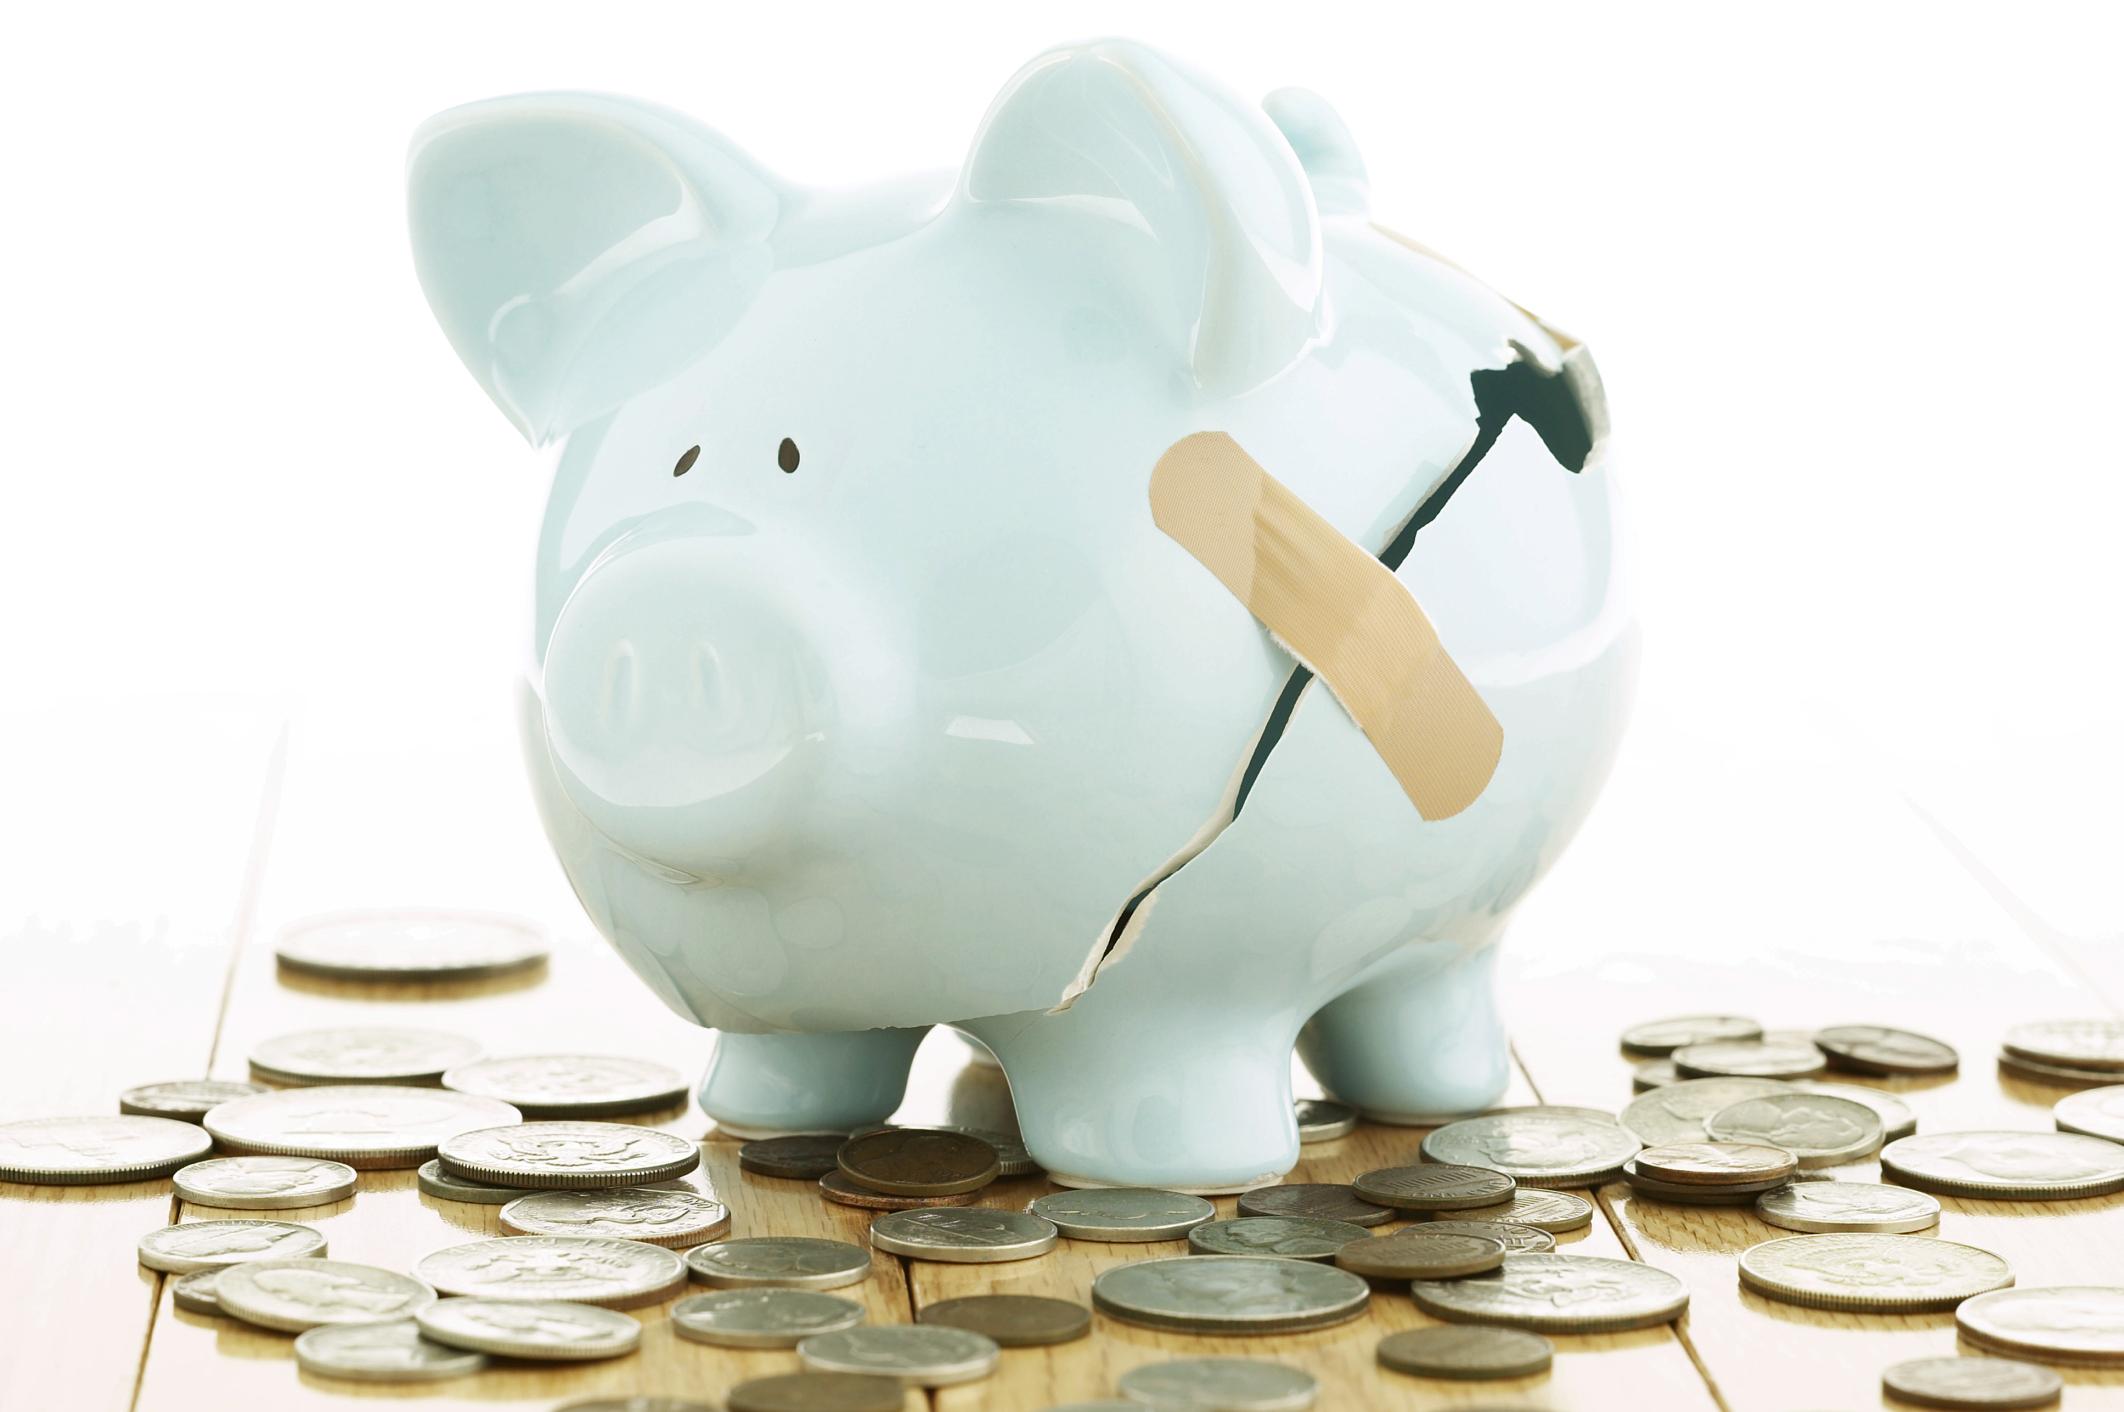 Fraudes de ofertas de crédito